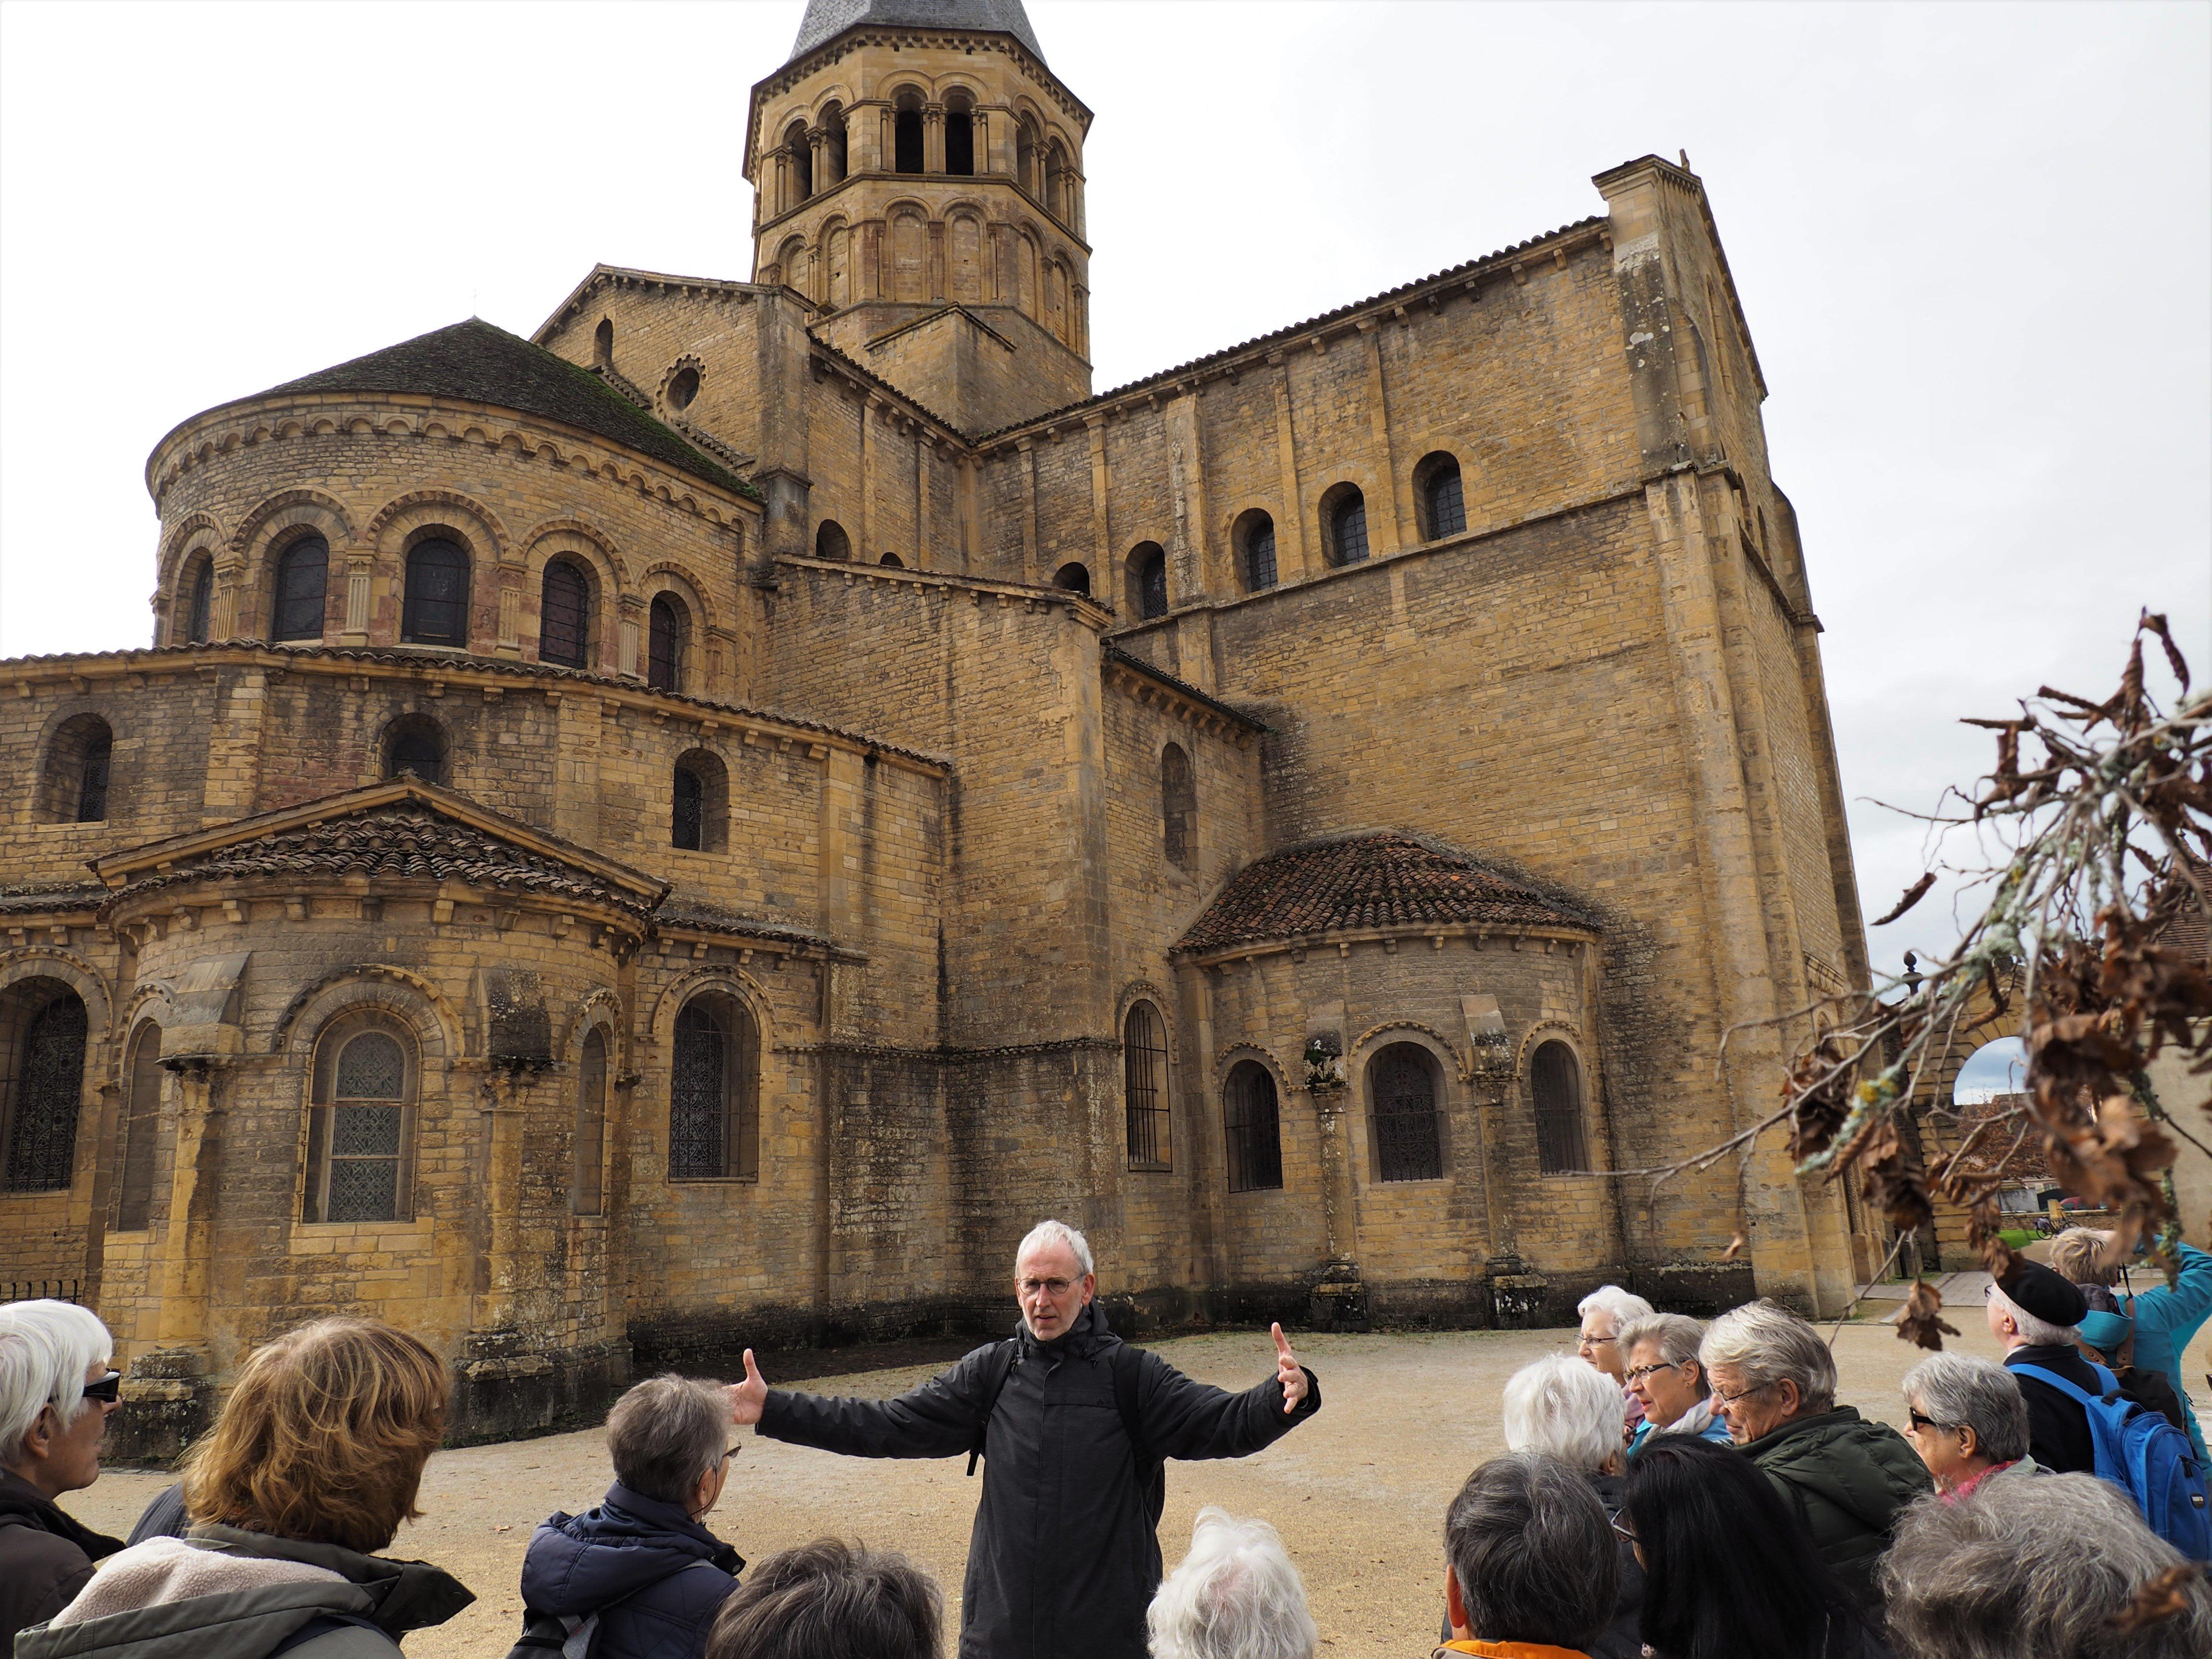 Leserreise Burgund Basilique du Sacré-Coeur de Jésus in Paray-le-Monial (2)